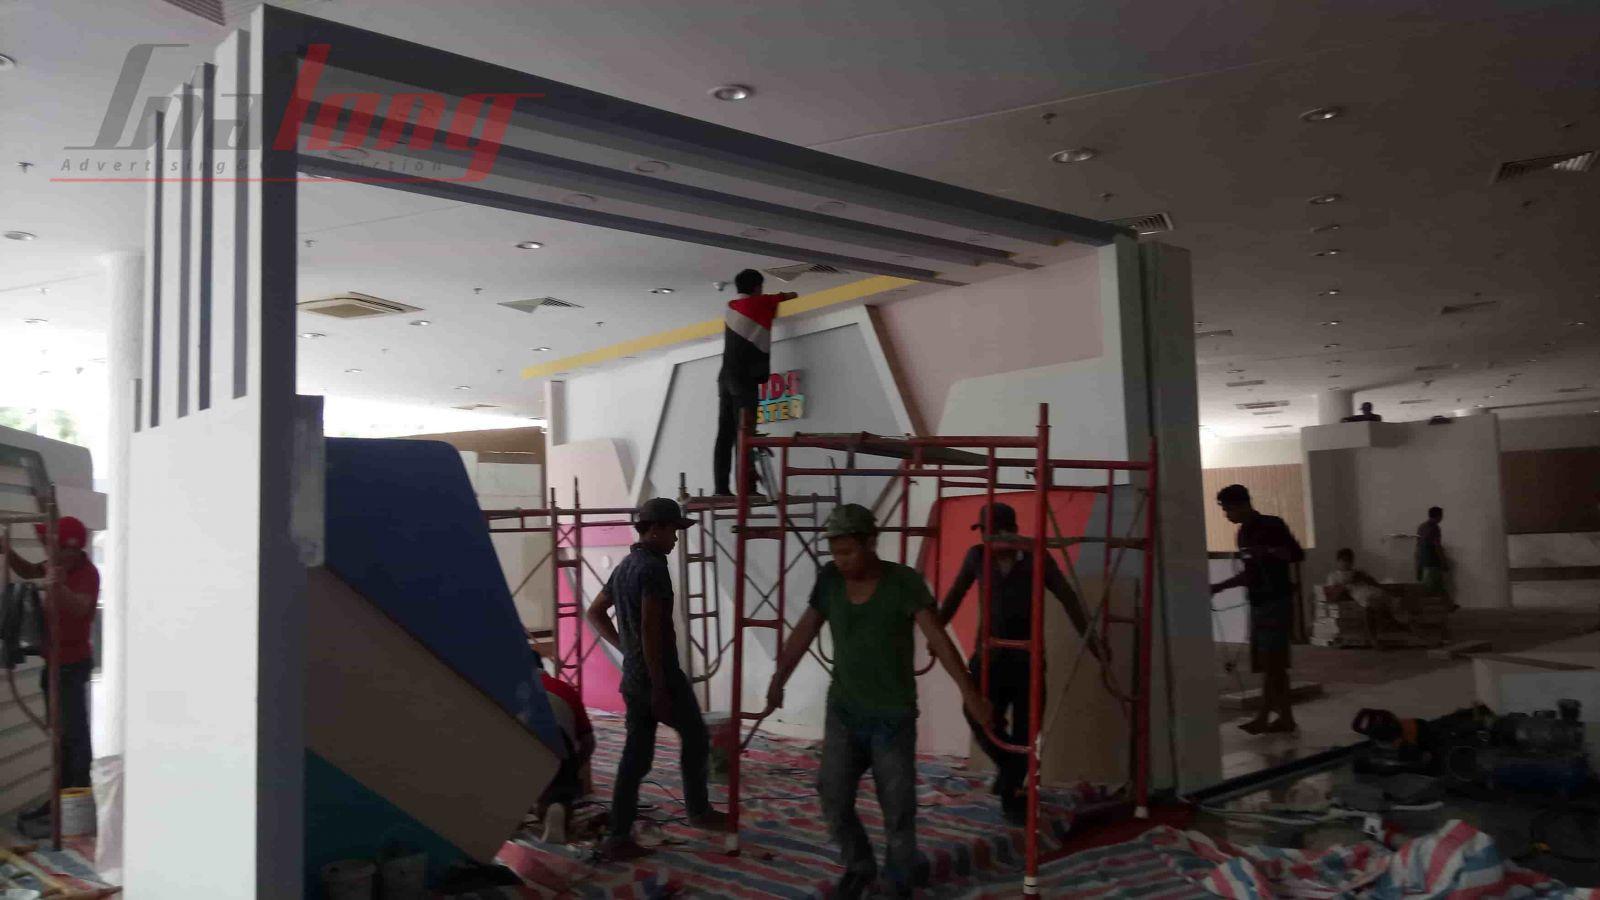 Hình ảnh  đơn vị thi công gian hàng Triển lãm VIFA EXPO 2018